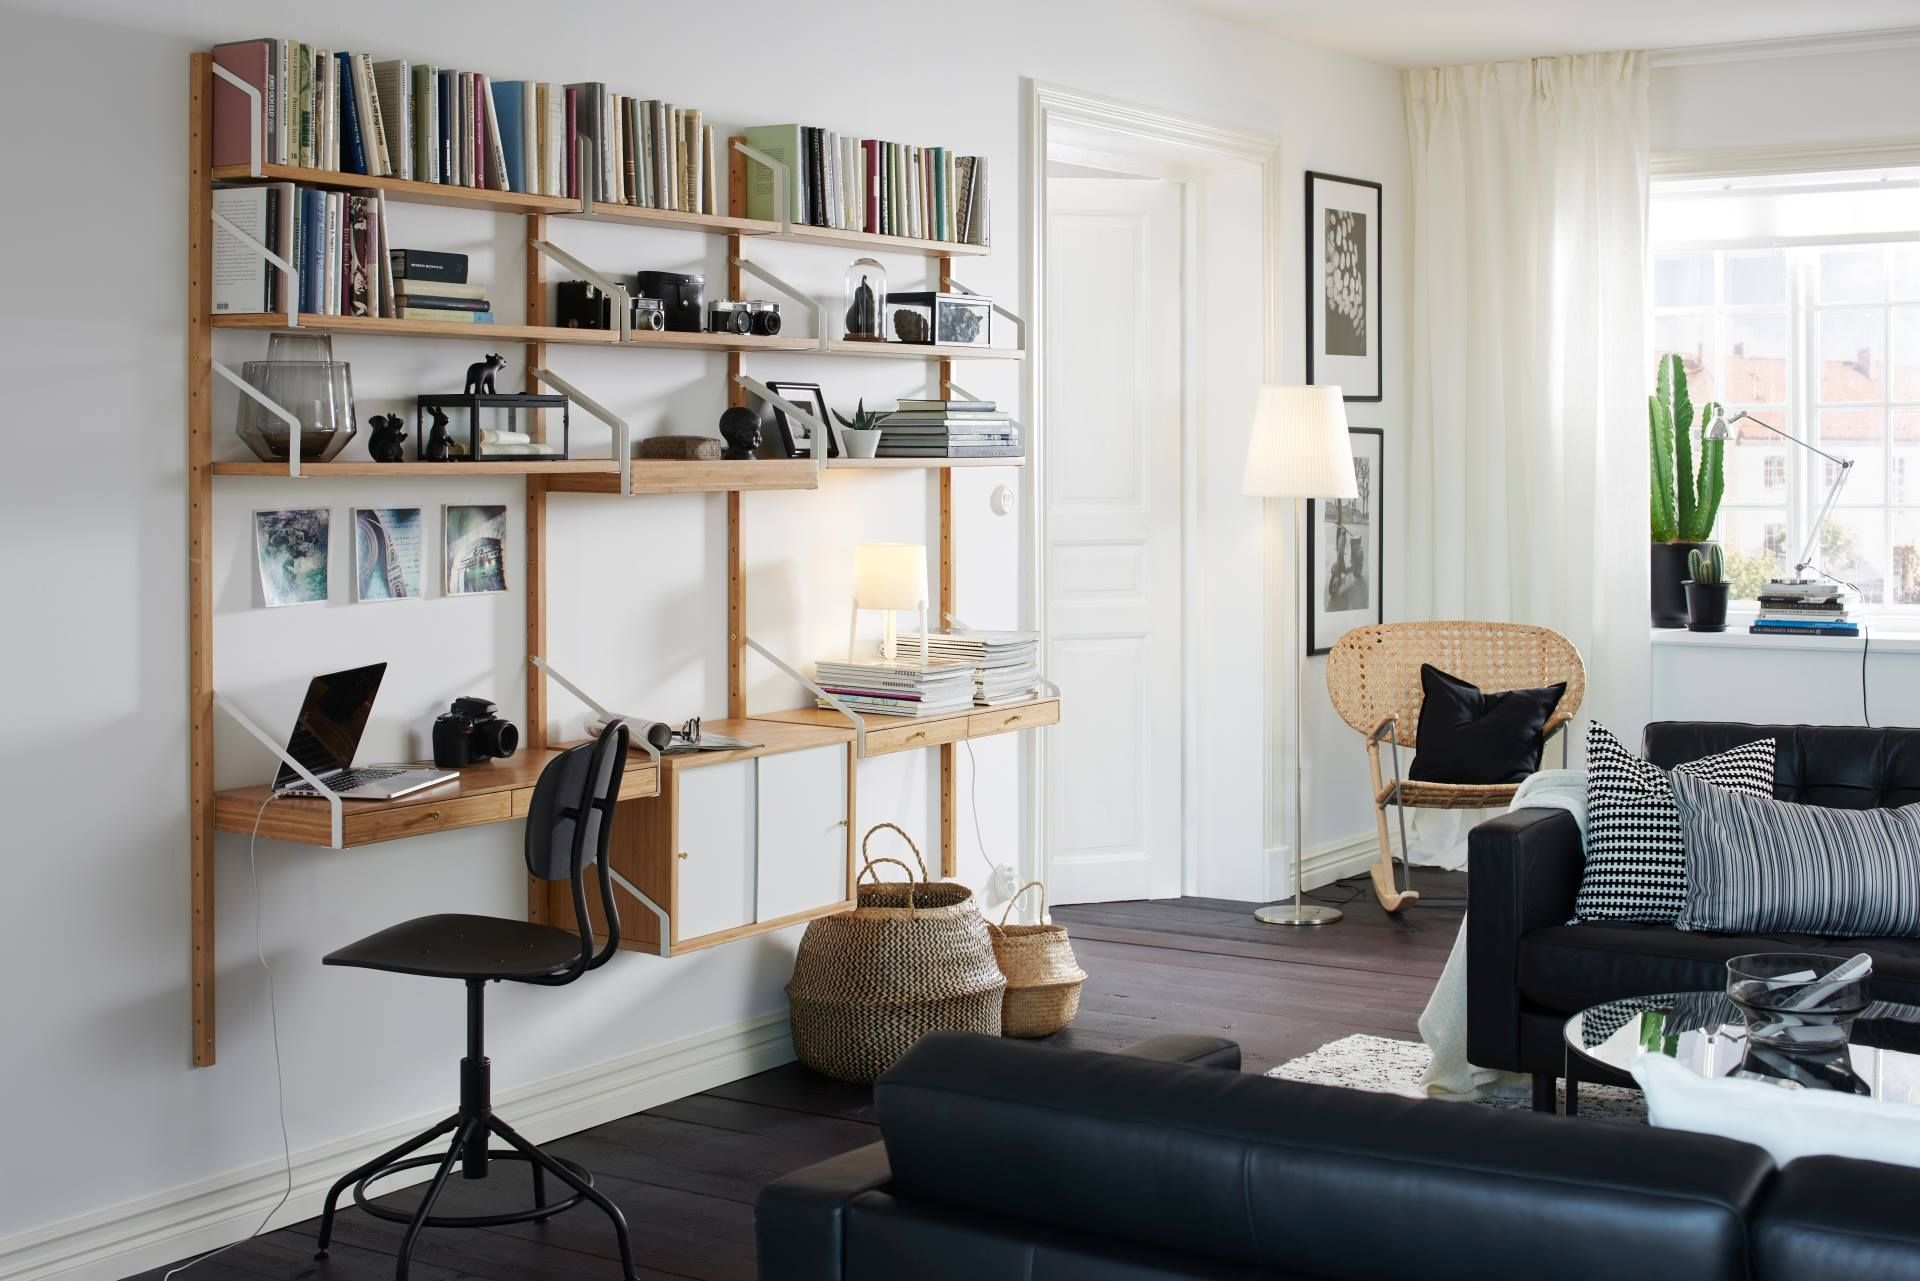 Pin De Nea Lemmel En Workspace Pinterest # Nea Muebles A Medida